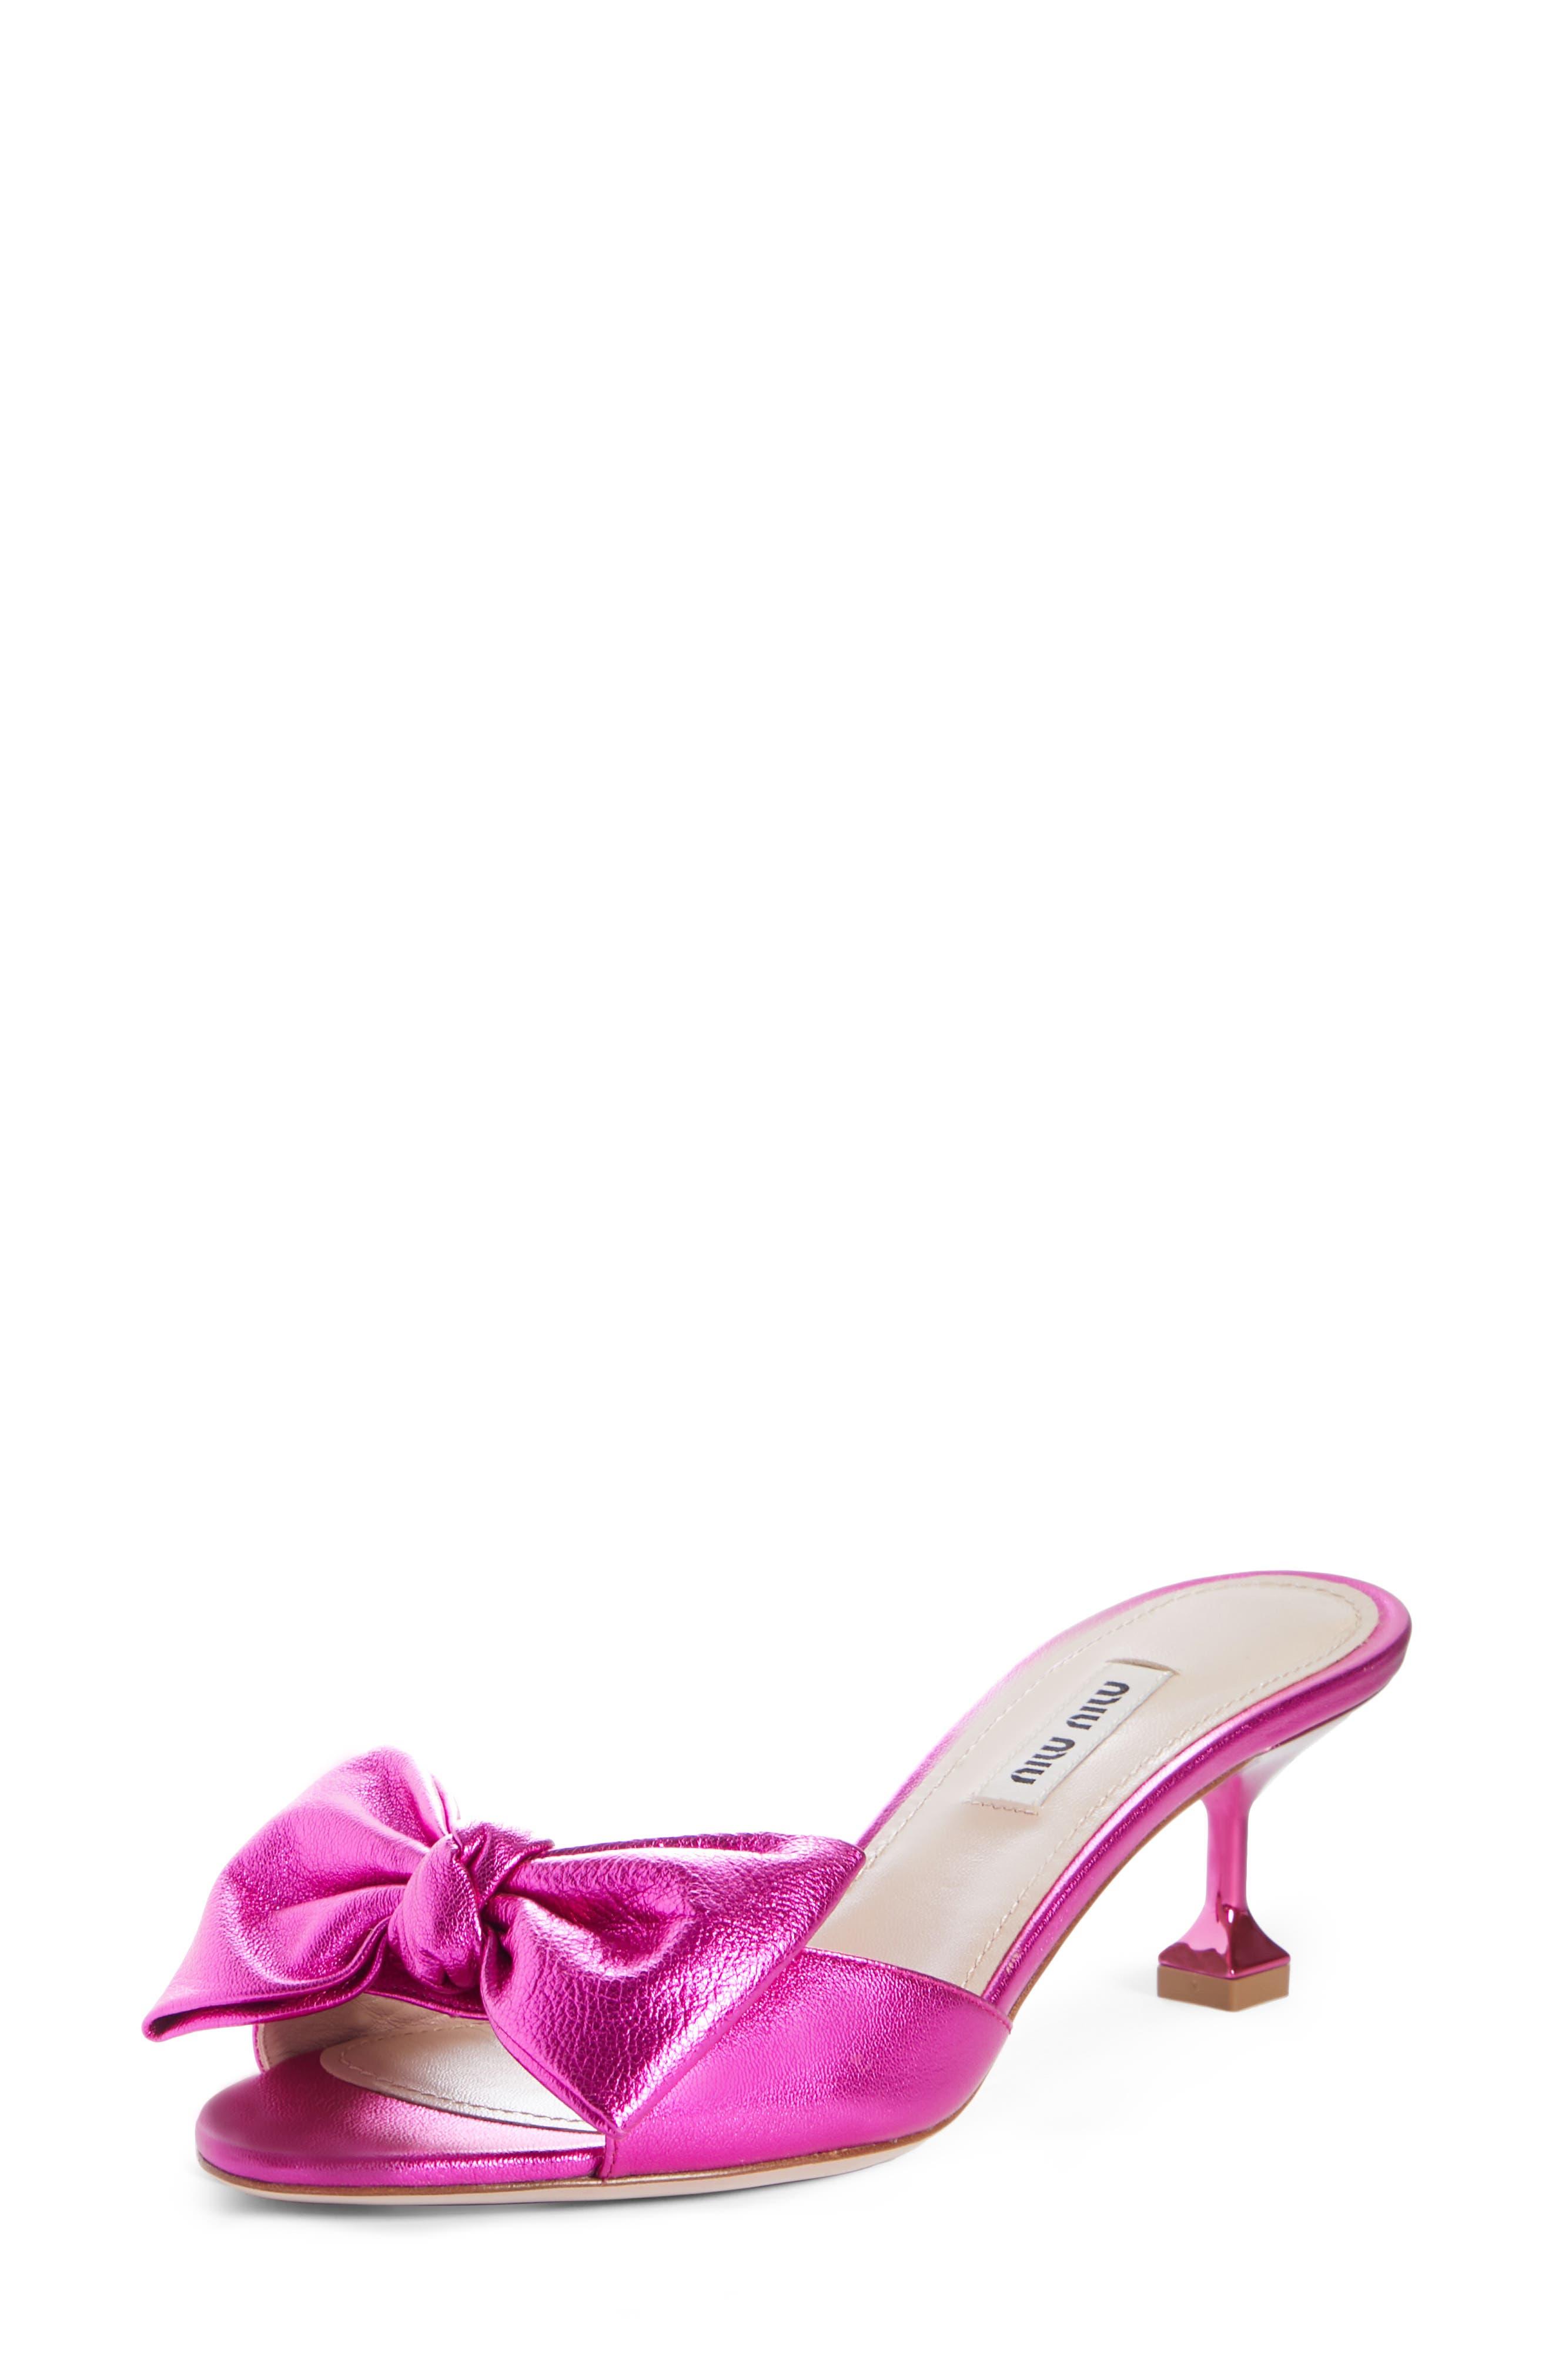 6c8cca8796132d Miu Miu Bow Slide Sandal